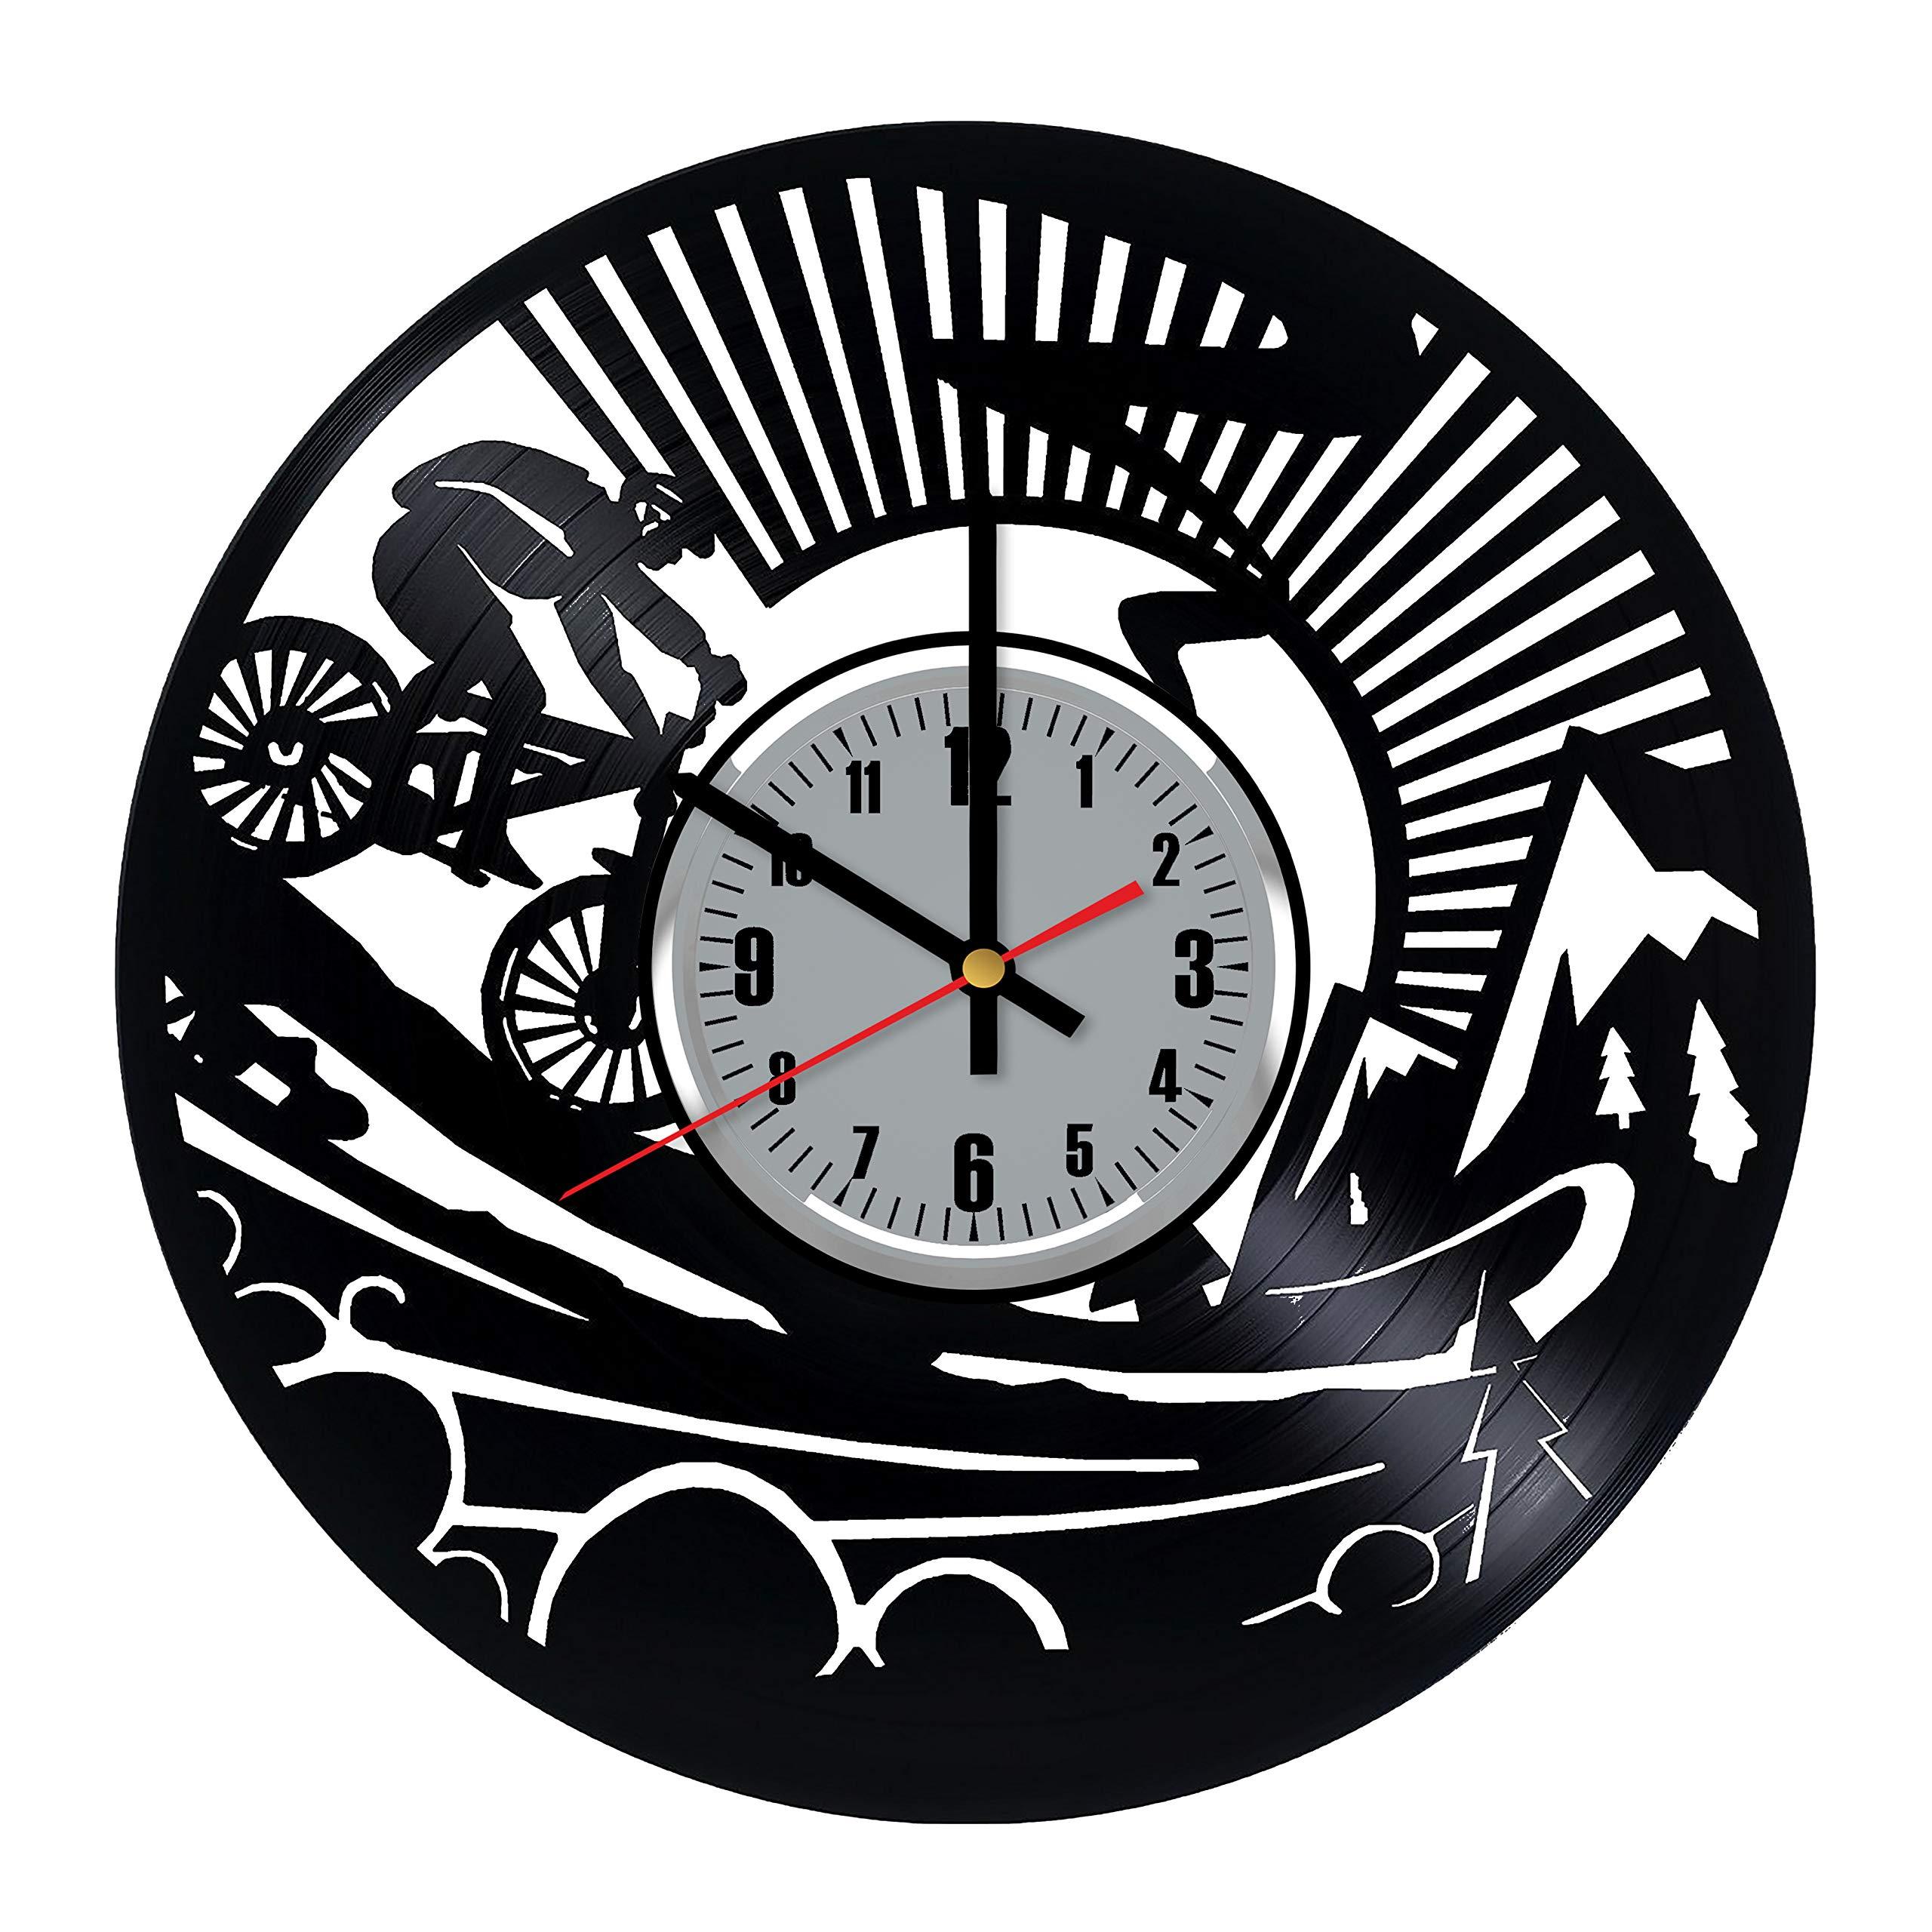 Art Patelnia Reloj de Pared de Vinilo para Bicicleta, diseño de Bicicleta, Hecho a Mano, Ideal como Regalo para Cualquier ocasión: Amazon.es: Hogar